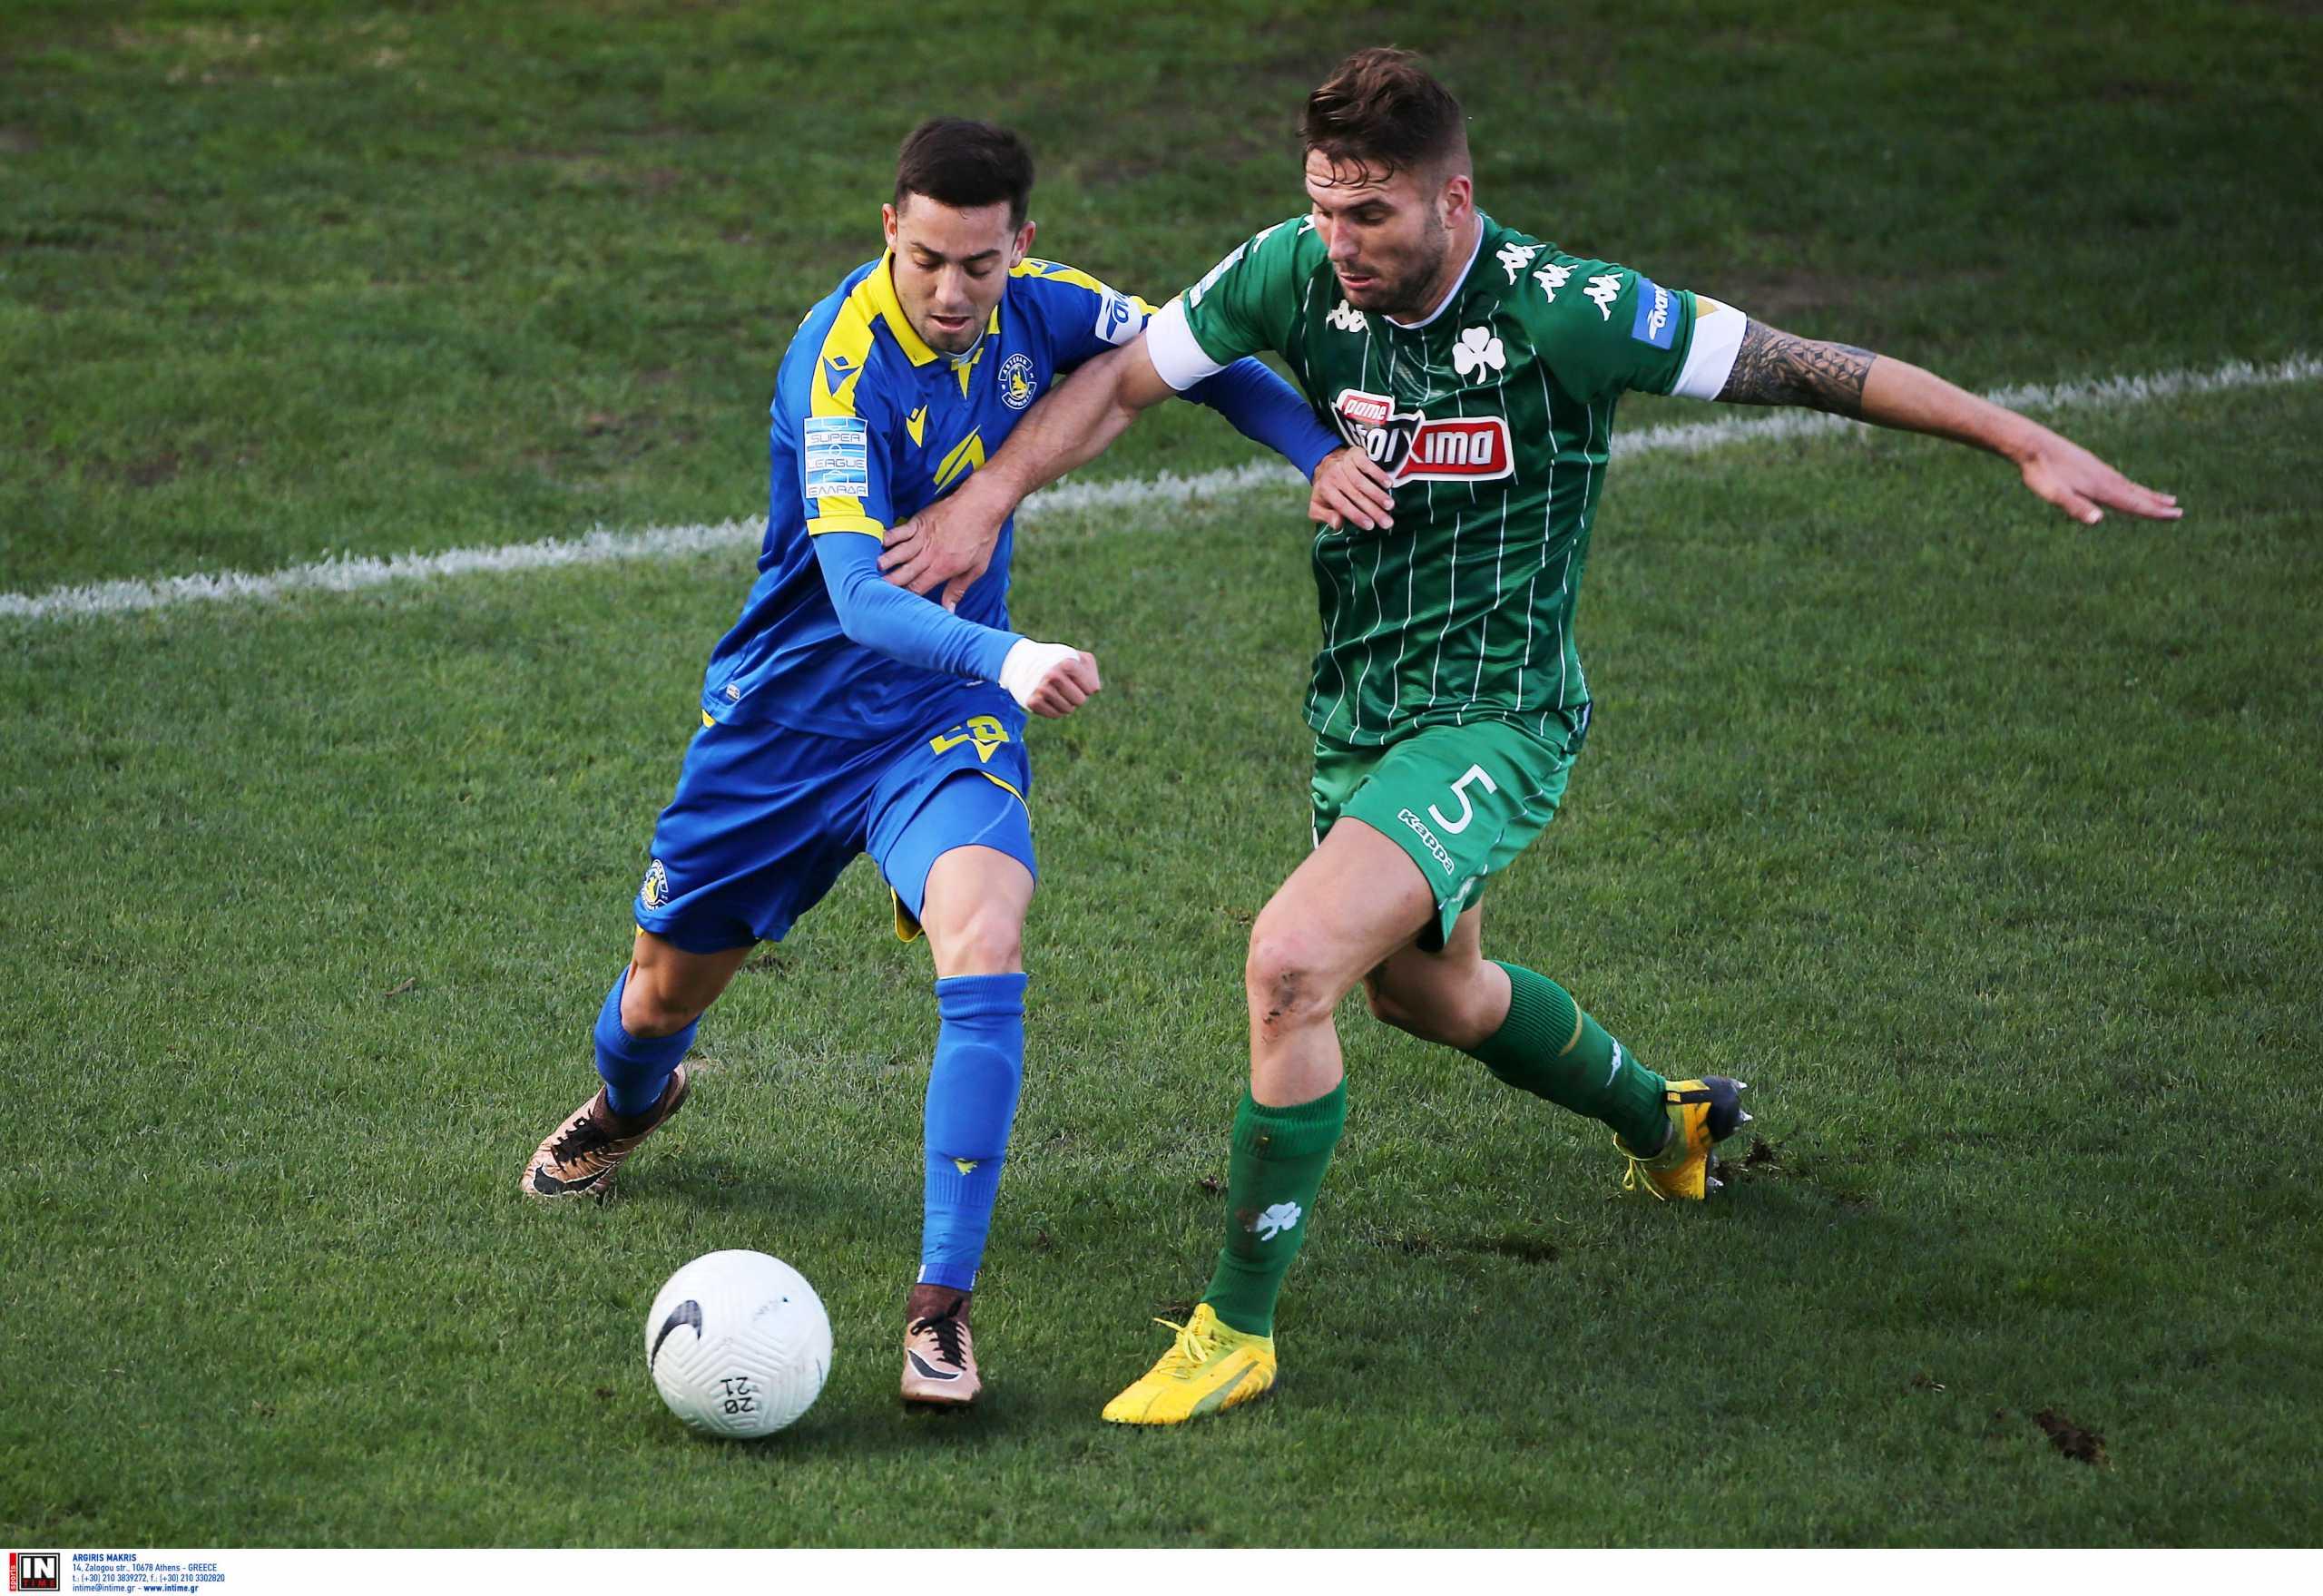 Παναθηναϊκός – Αστέρας Τρίπολης 0-0 ΤΕΛΙΚΟ!